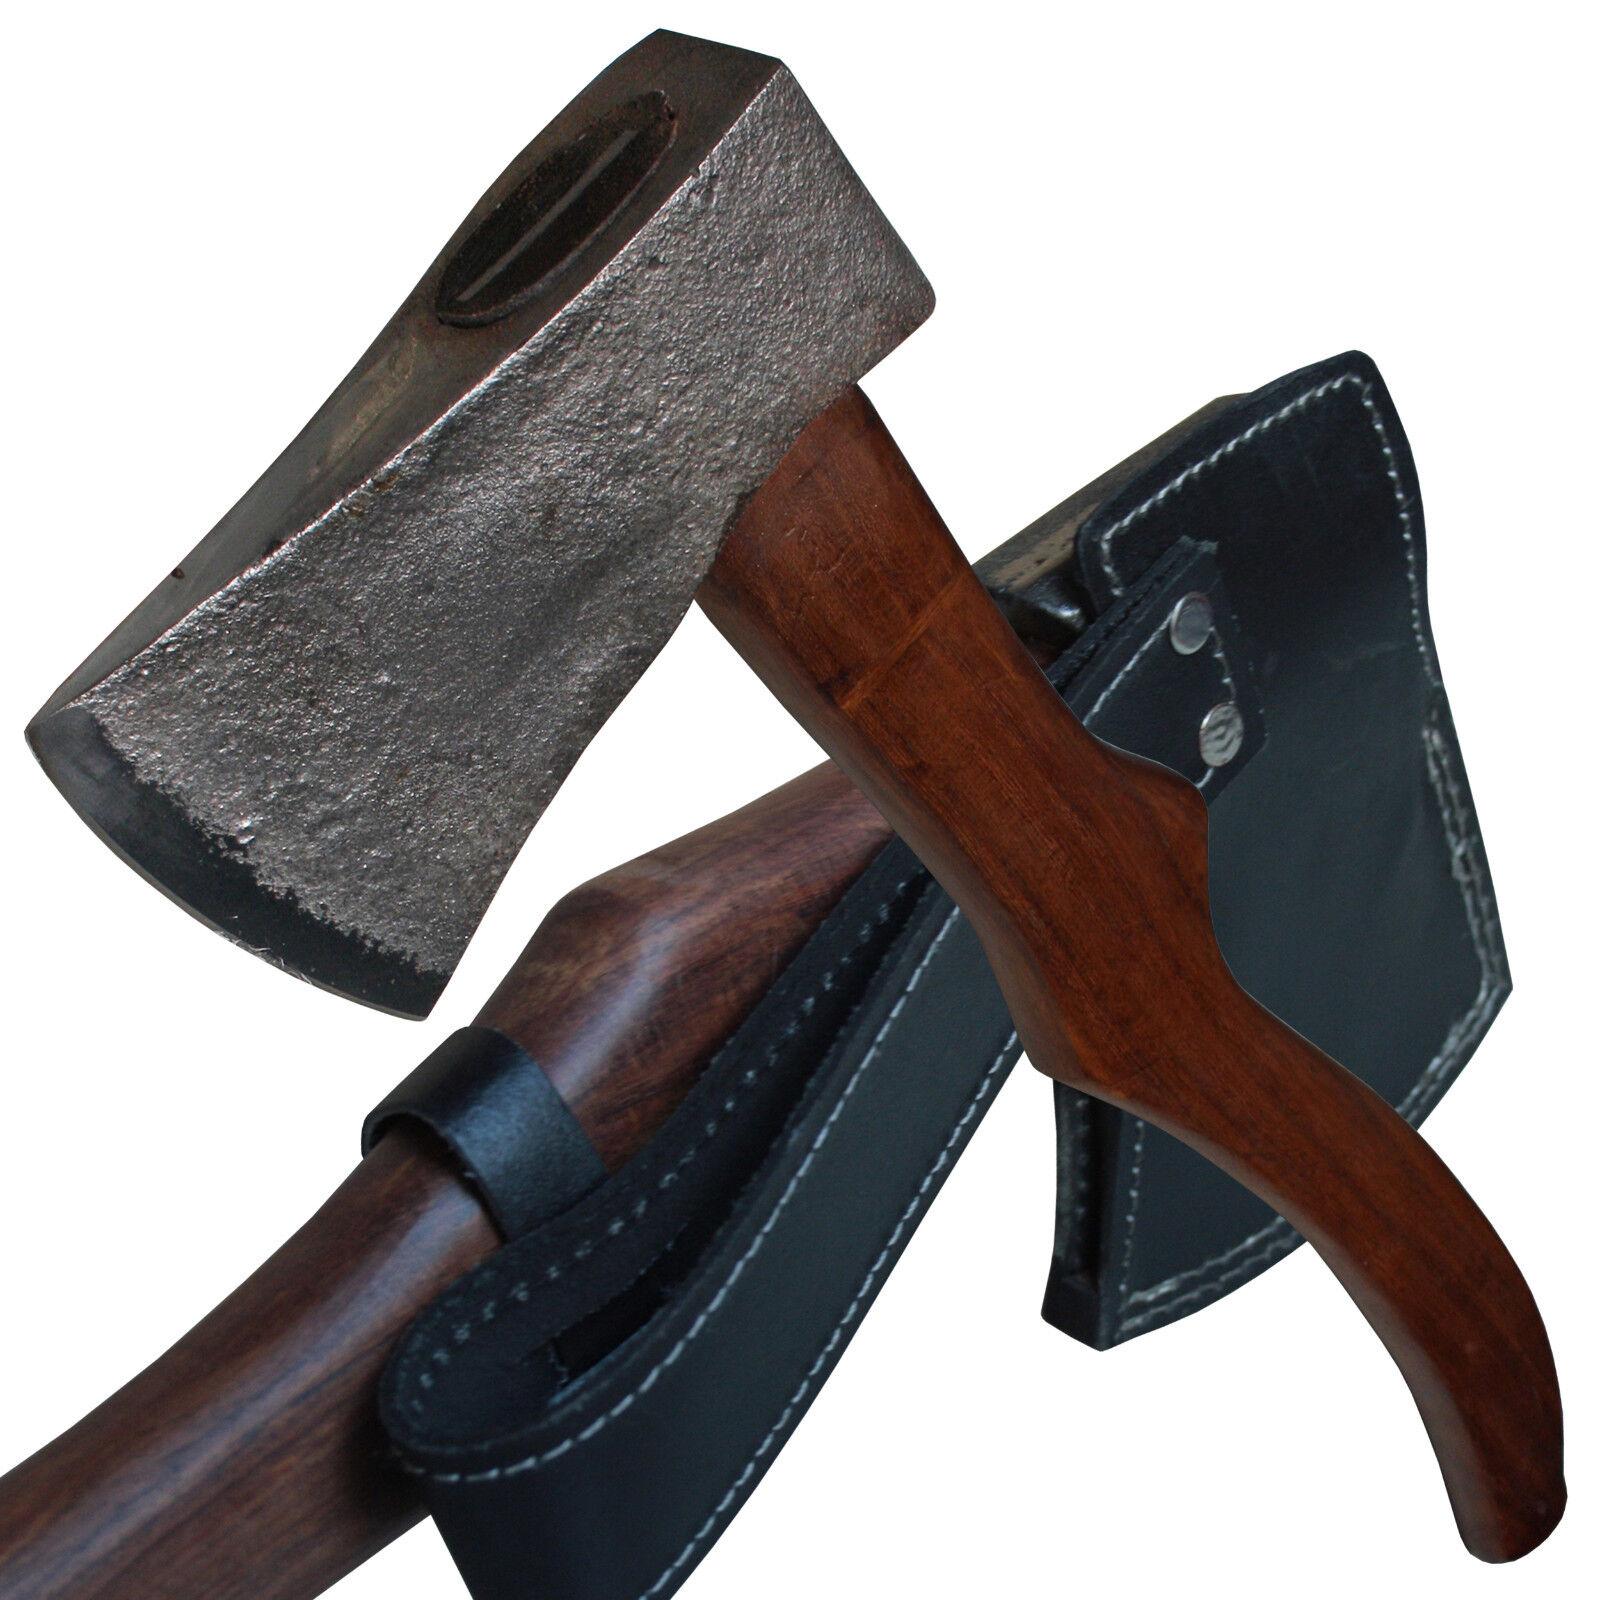 Haller Kräftige Axt Axtblatt geschwungener geschmiedet geschwungener Axtblatt Holzgriff Lederscheide a283b0